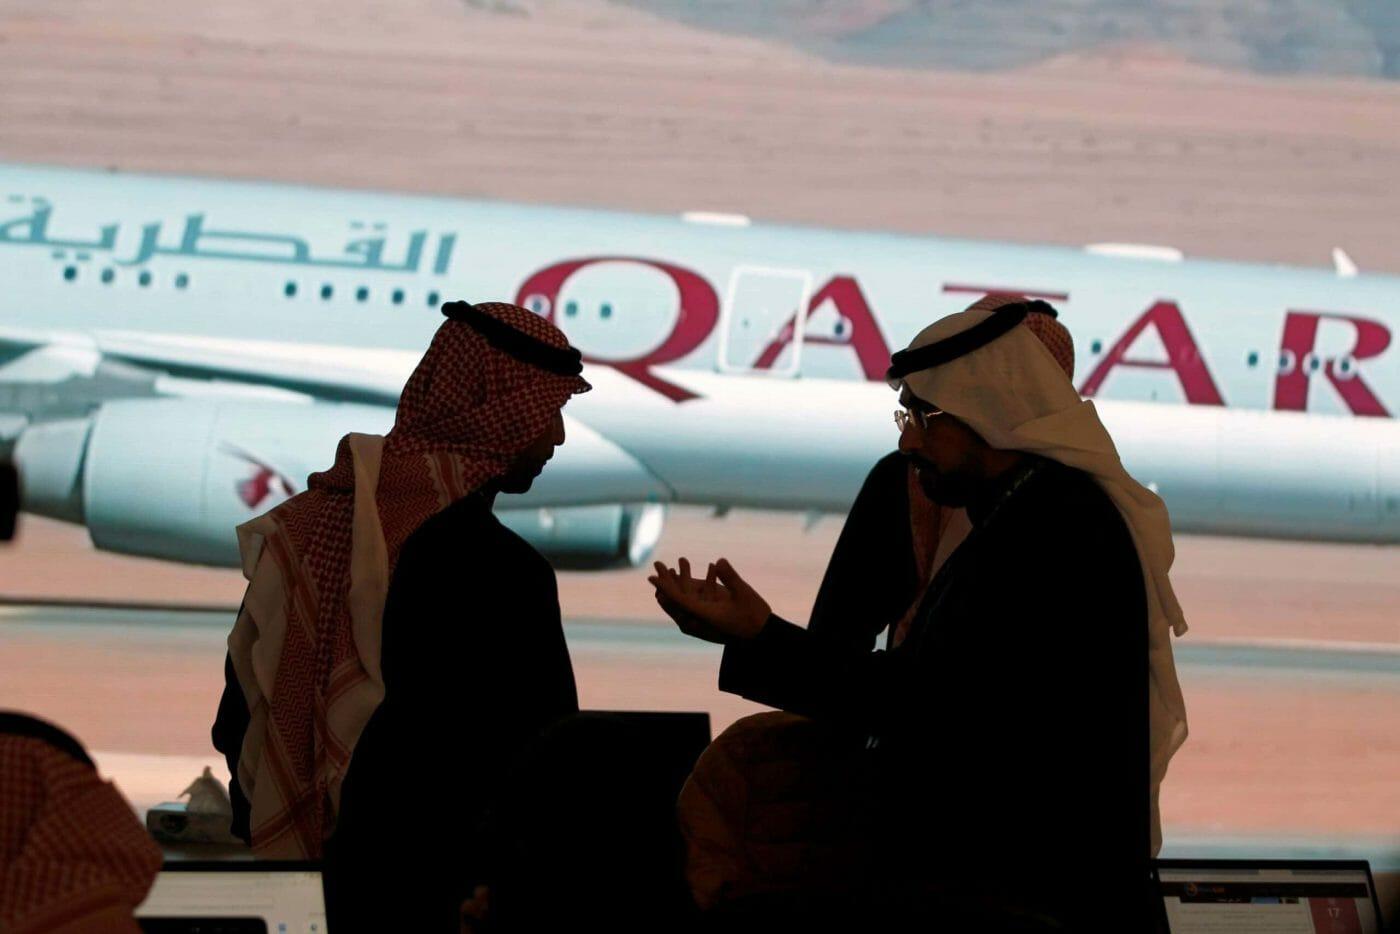 فايننشال تايمز تكشف كيف وضع المحاصرون رؤوسهم بالتراب وطلبوا الصلح مع قطر بعدما تآمروا عليها